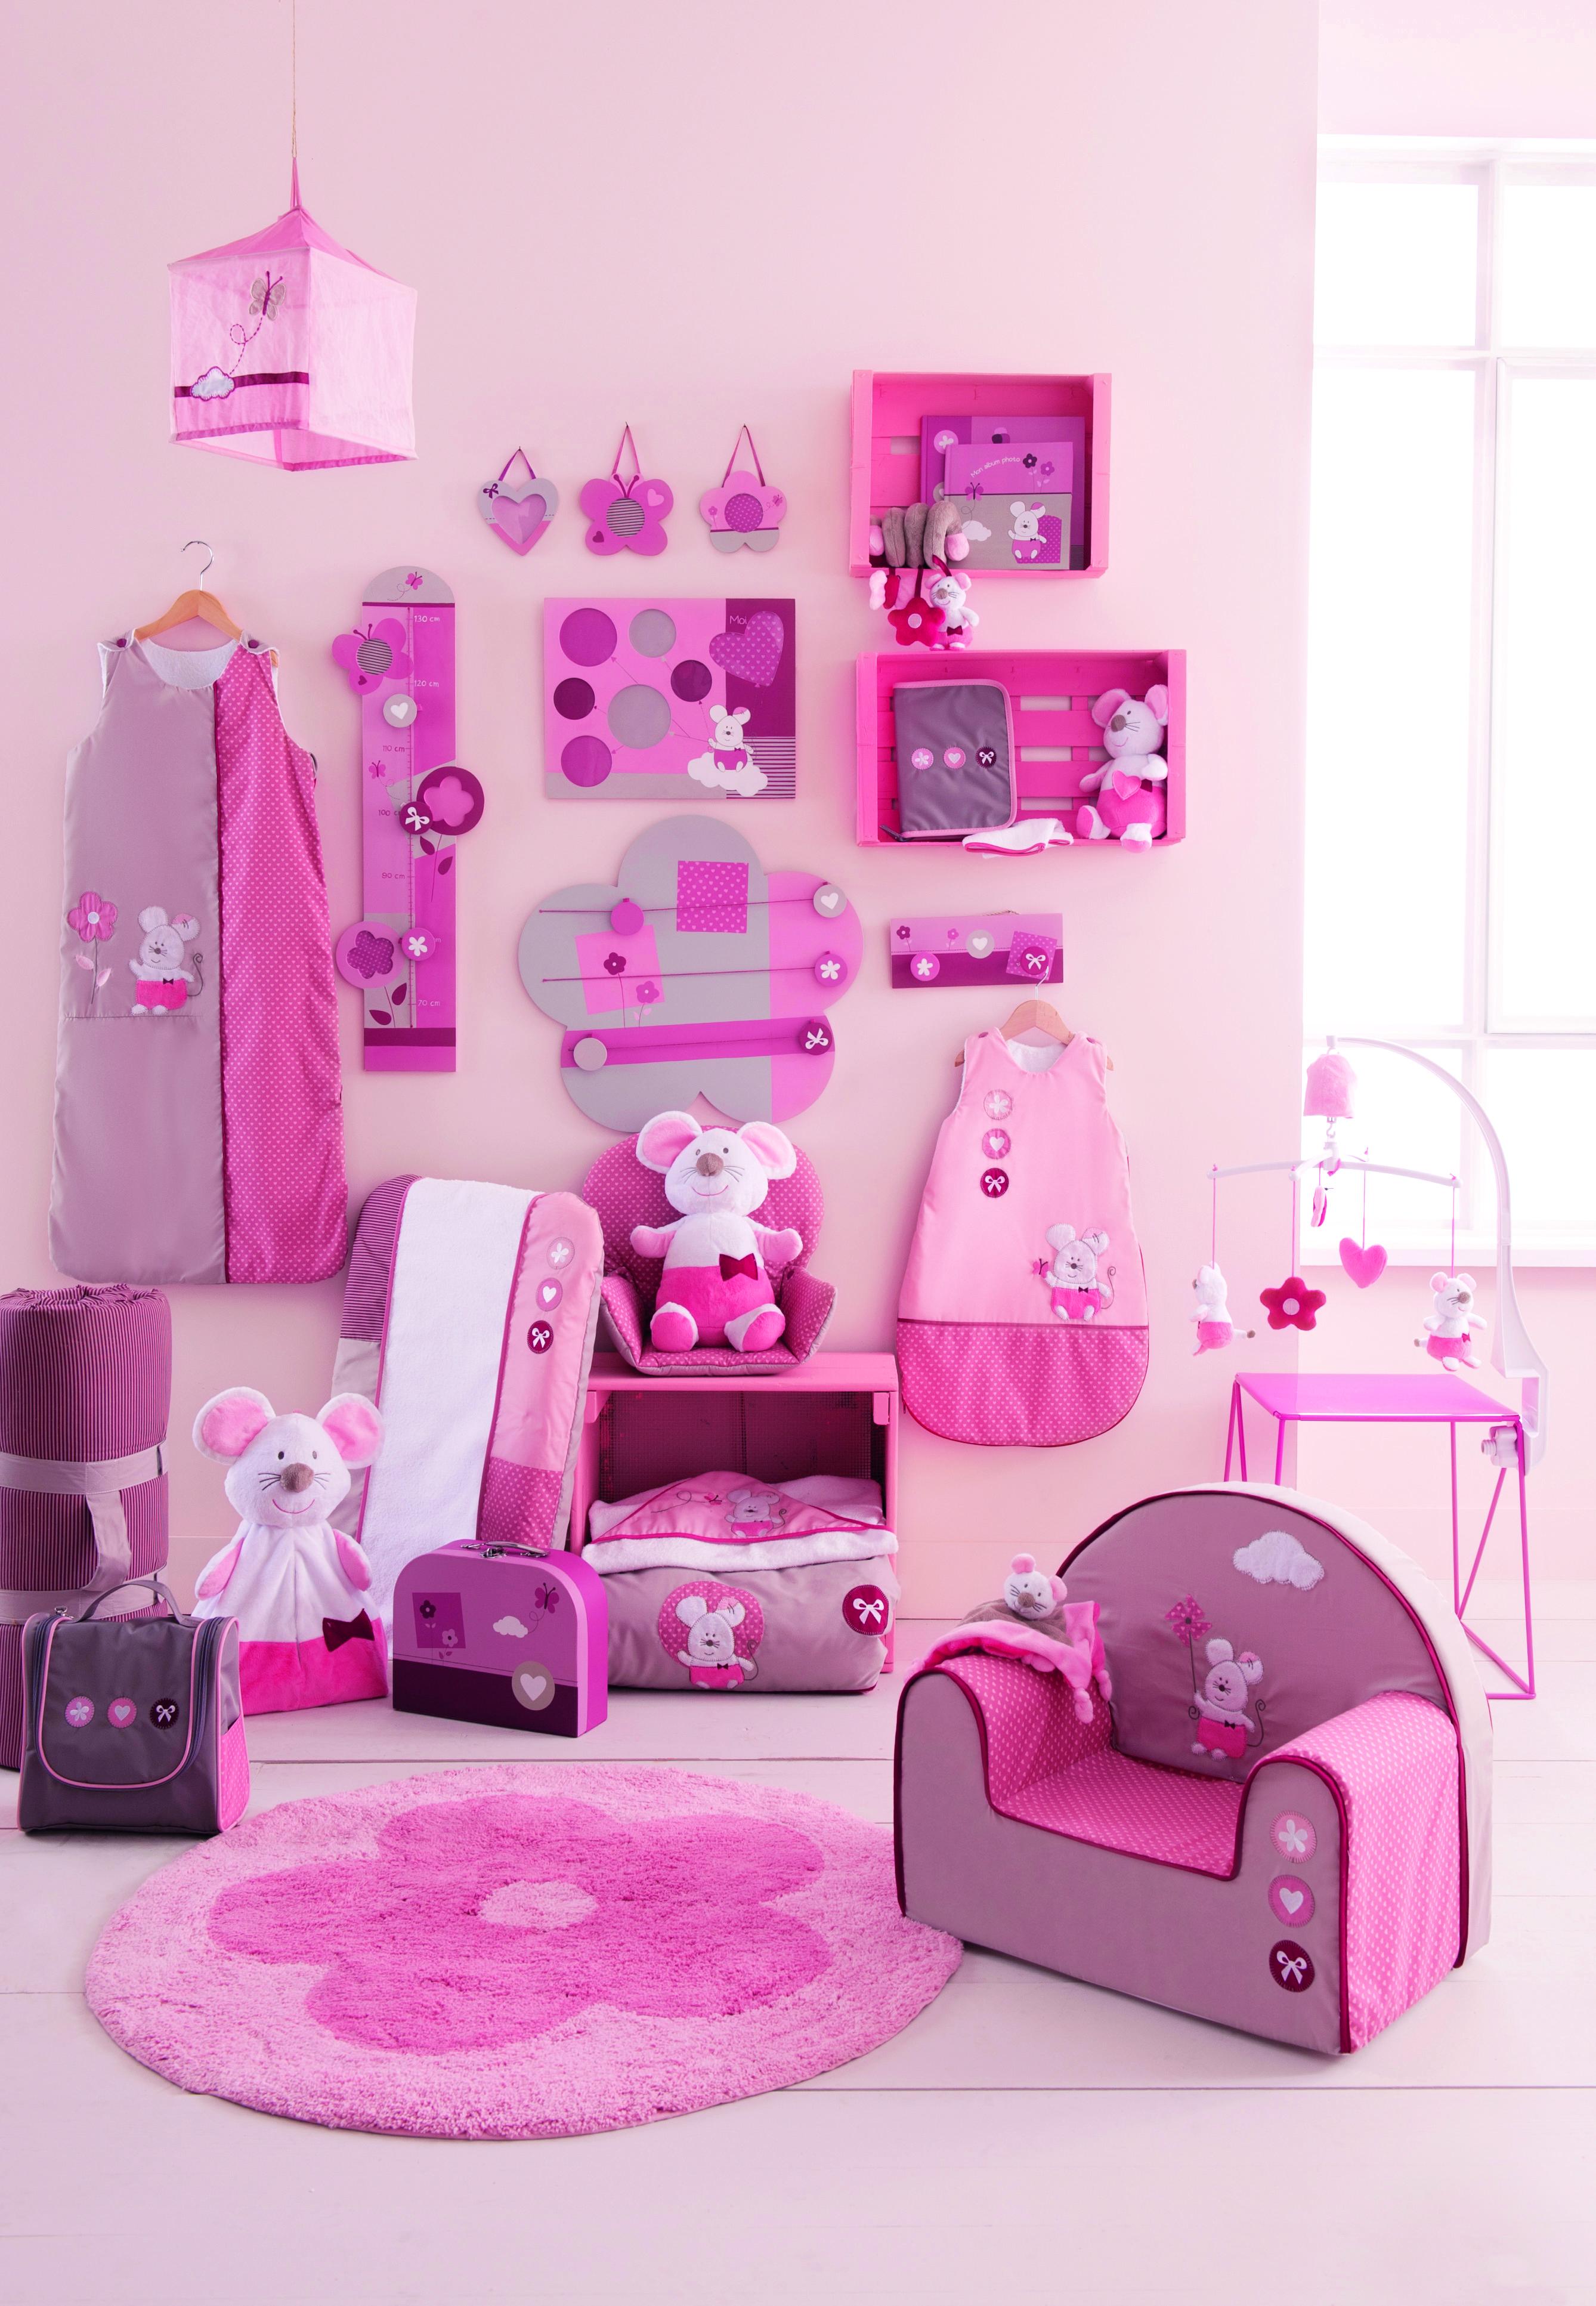 Je referai bien la chambre de mes filles avec b b 9 c for Collection chambre bebe